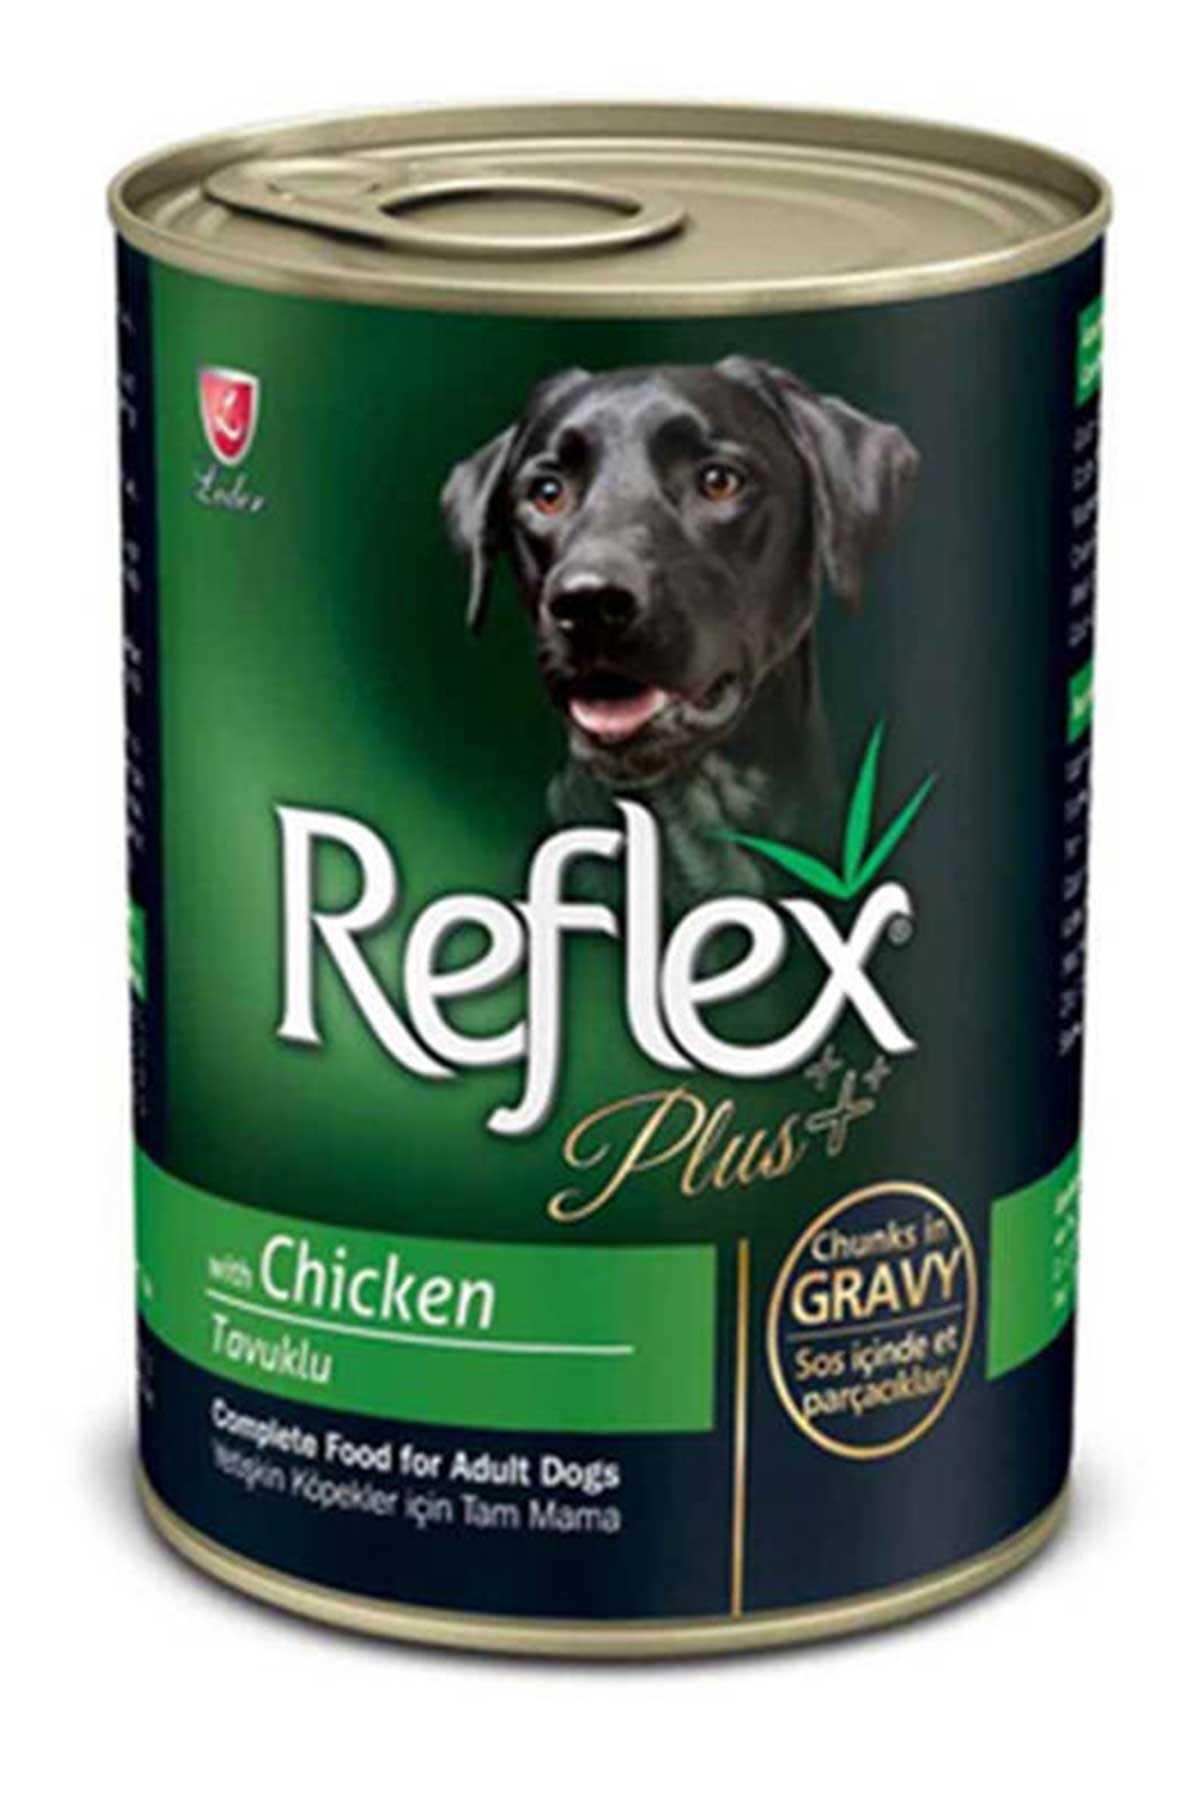 Reflex Plus Gravy Tavuklu Parça Etli Yetişkin Köpek Konservesi 400gr